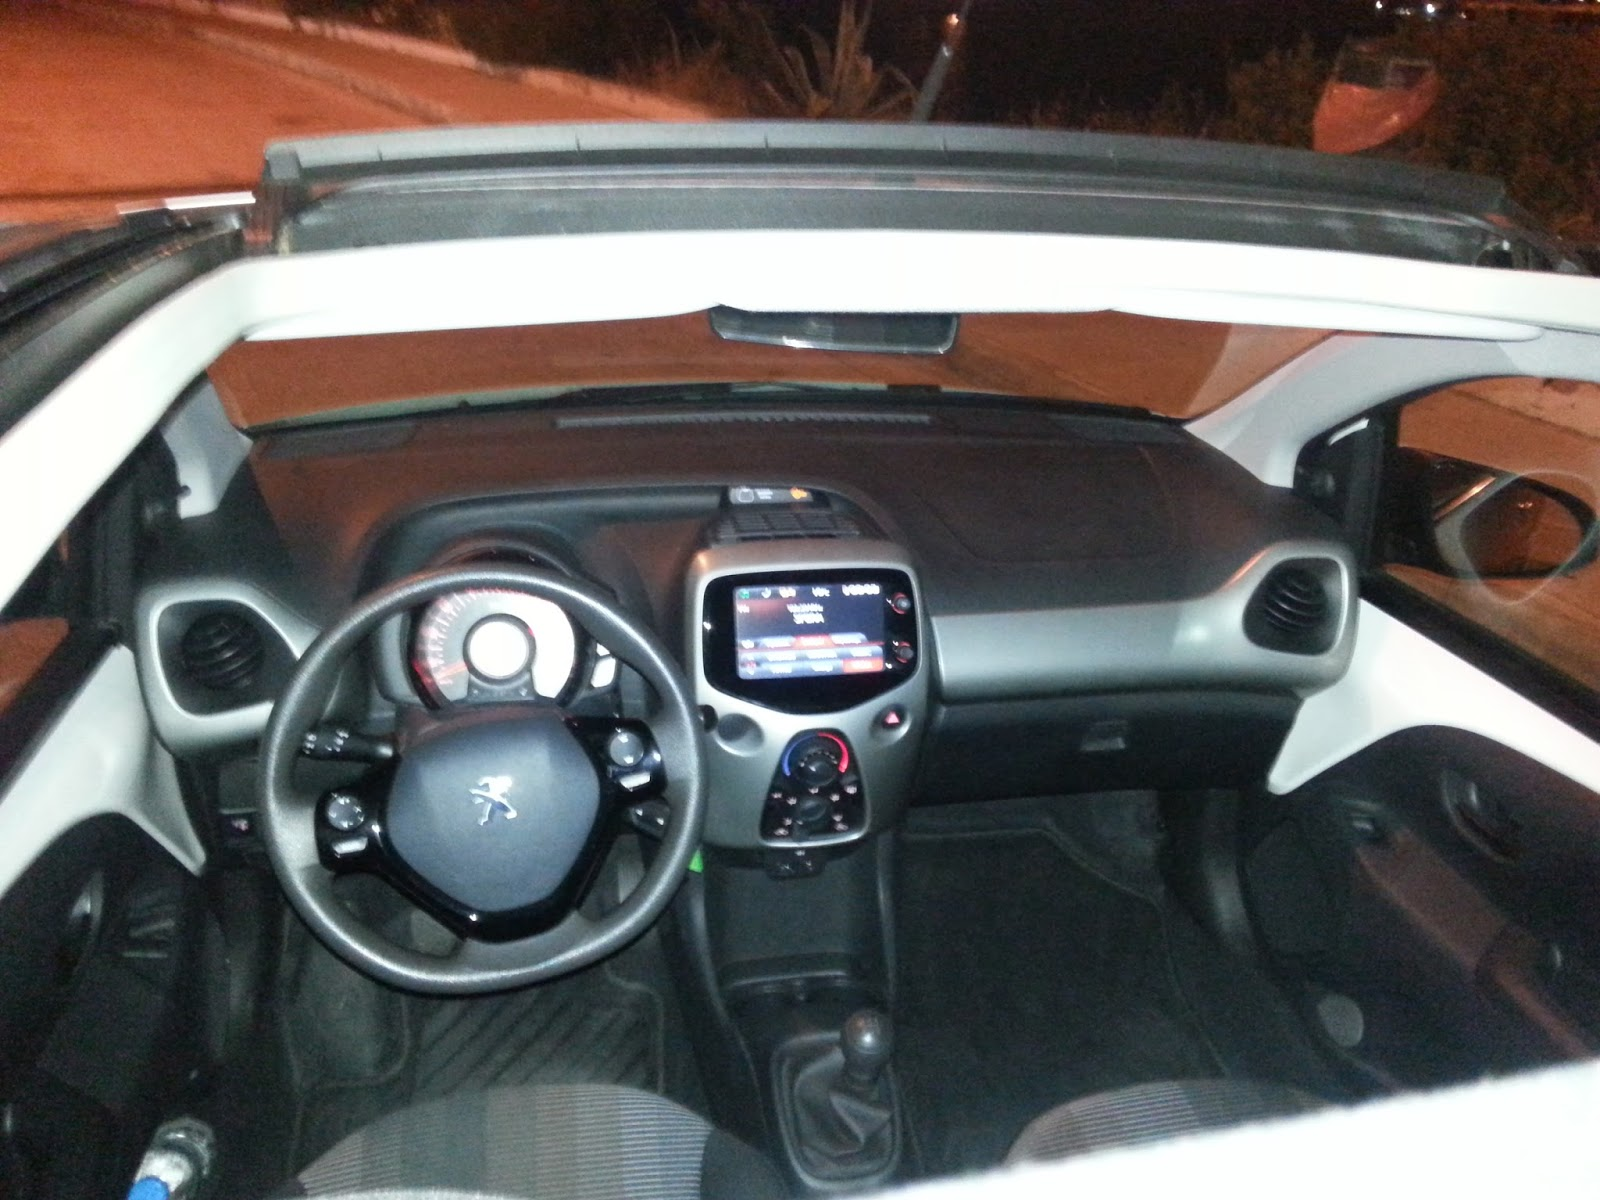 f3 Χιλιάρι Peugeot 108 χωρίς οροφή: Λέει;